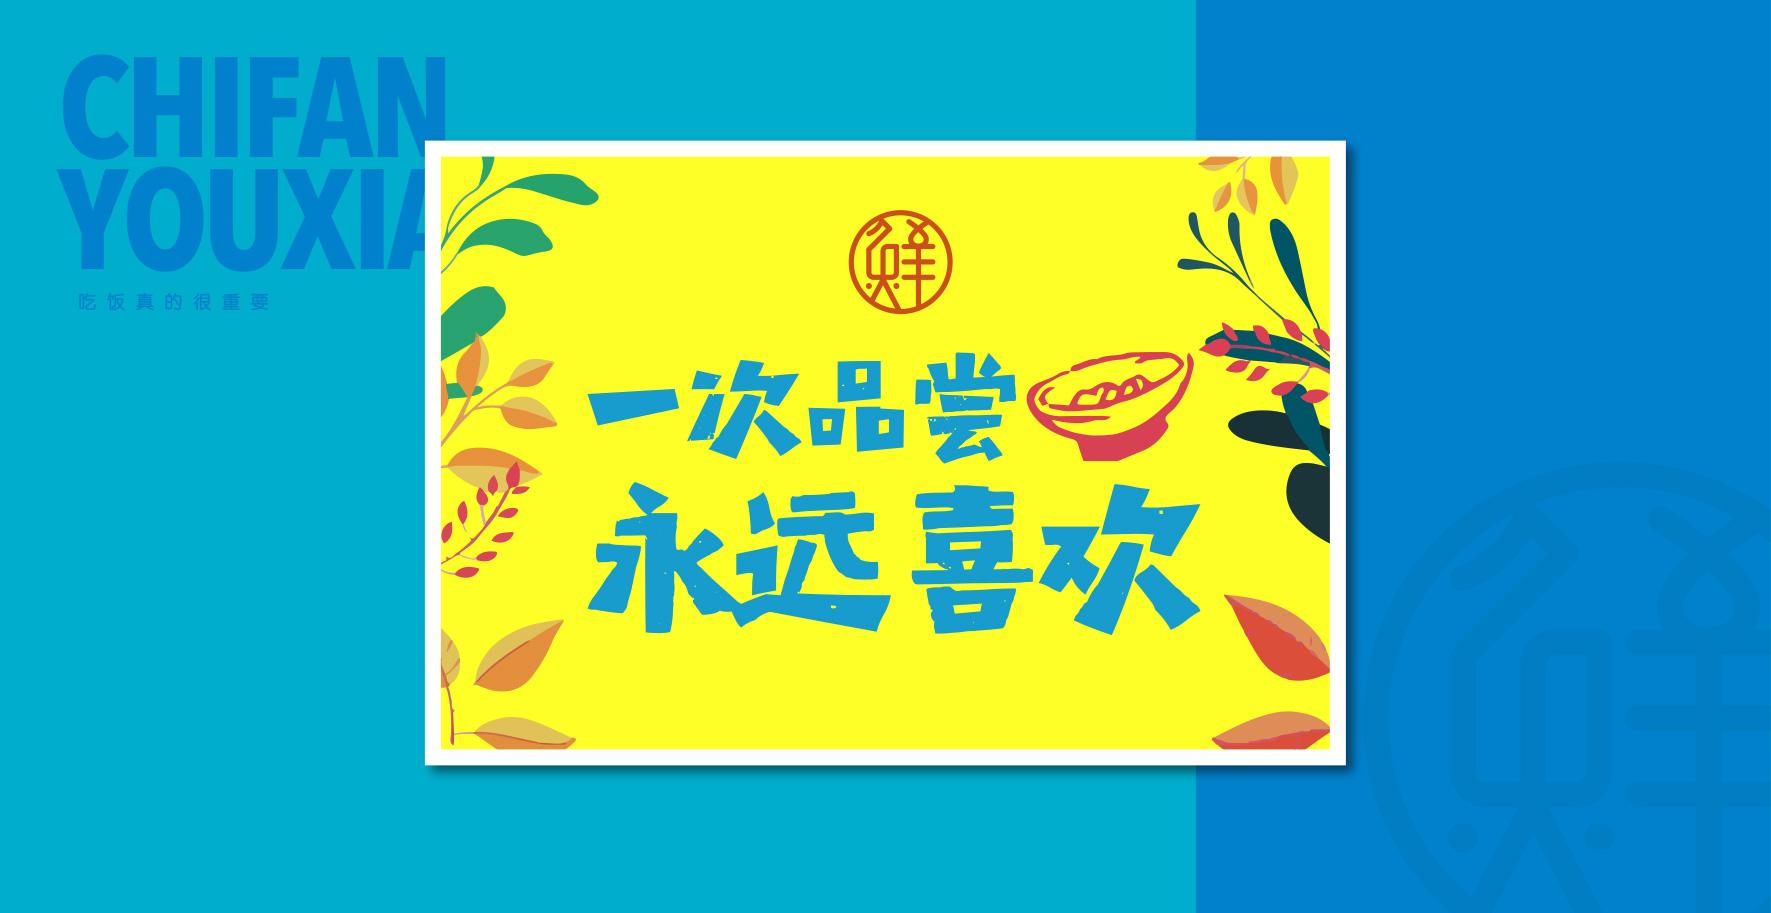 5(吃饭优鲜)